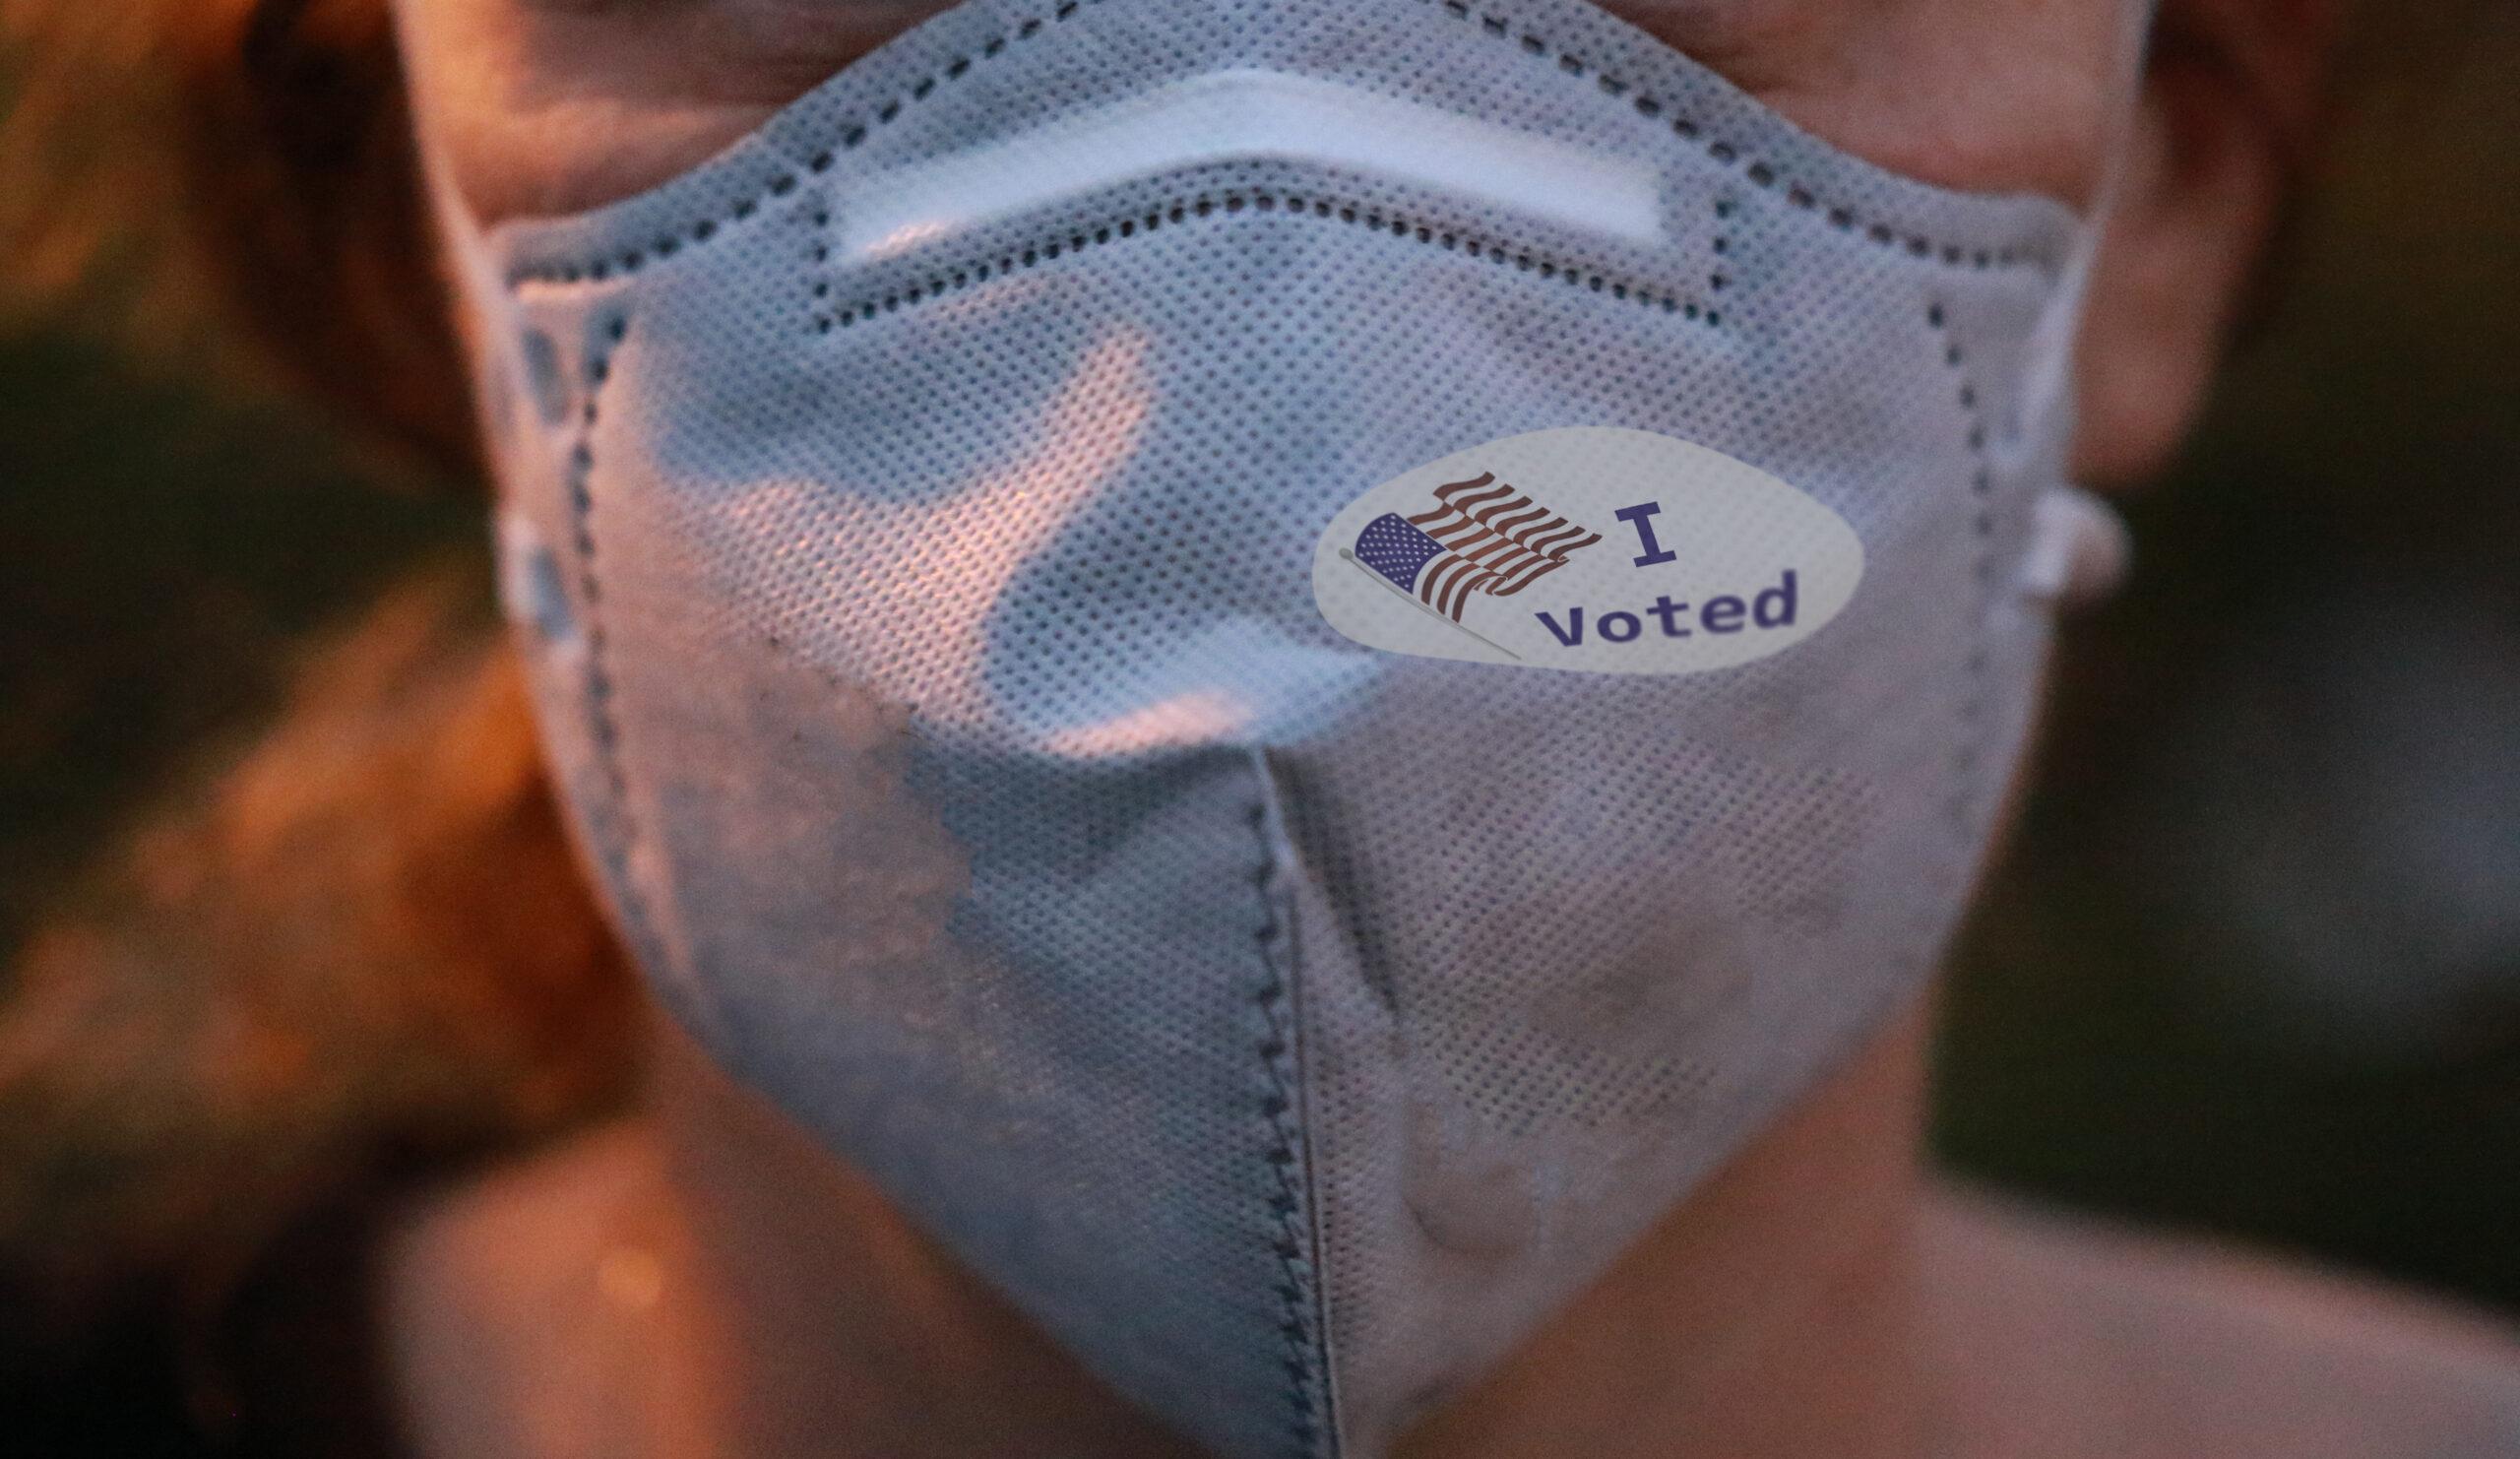 """I Voted"" Sticker on Mask during coronavirus"